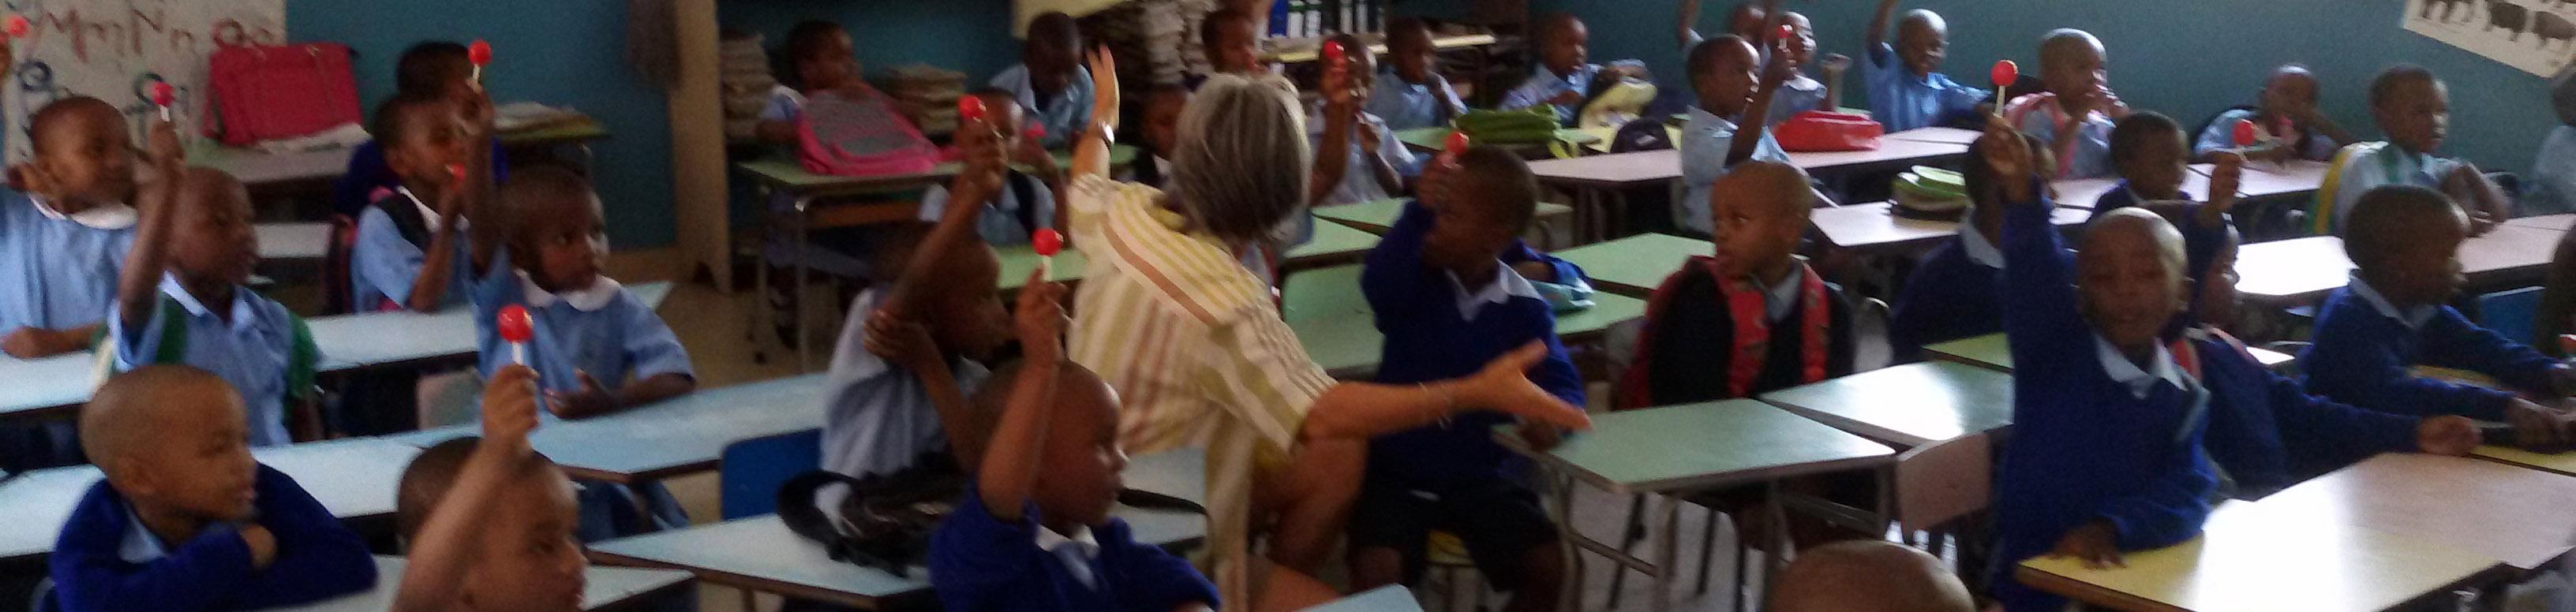 lasciti-testamentari-campus-scolastico-mapinga-tanzania